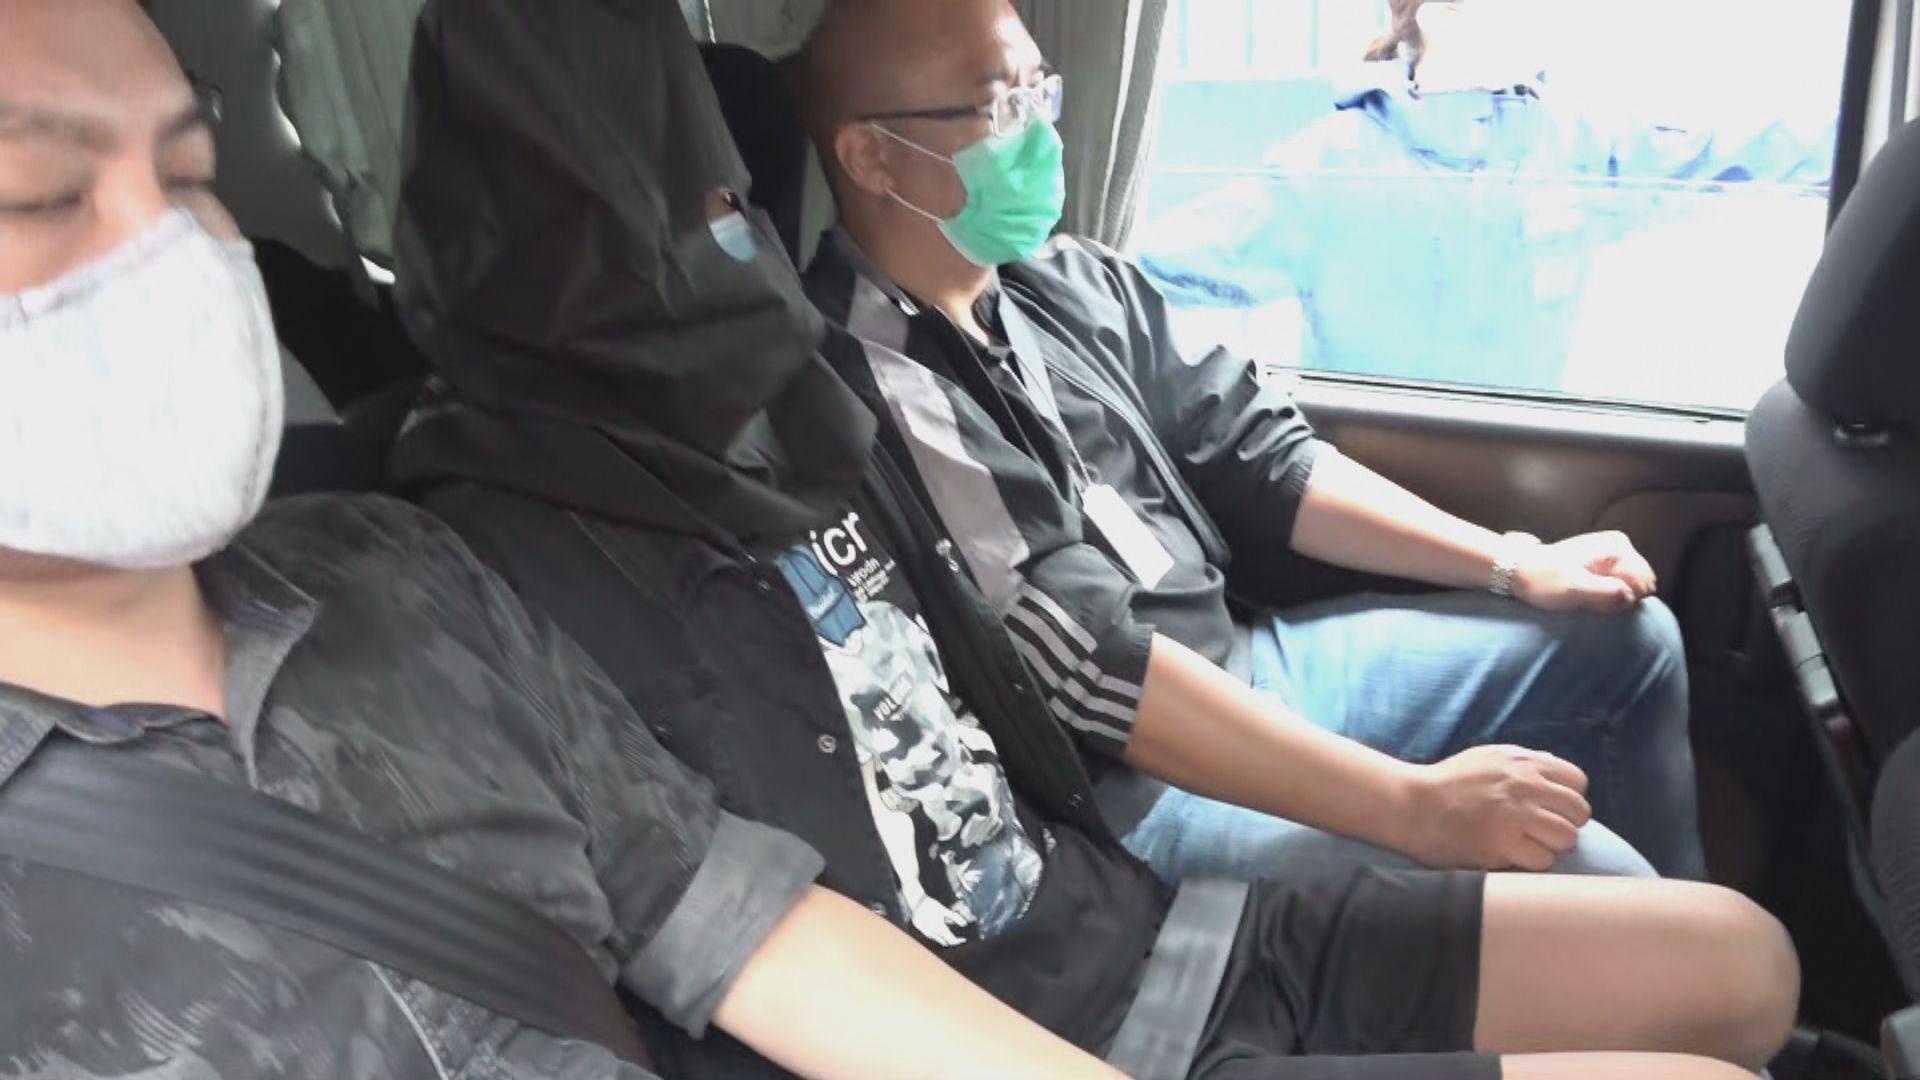 上水老翁被磚擊斃兩少年被控謀殺 不准保釋六月再訊